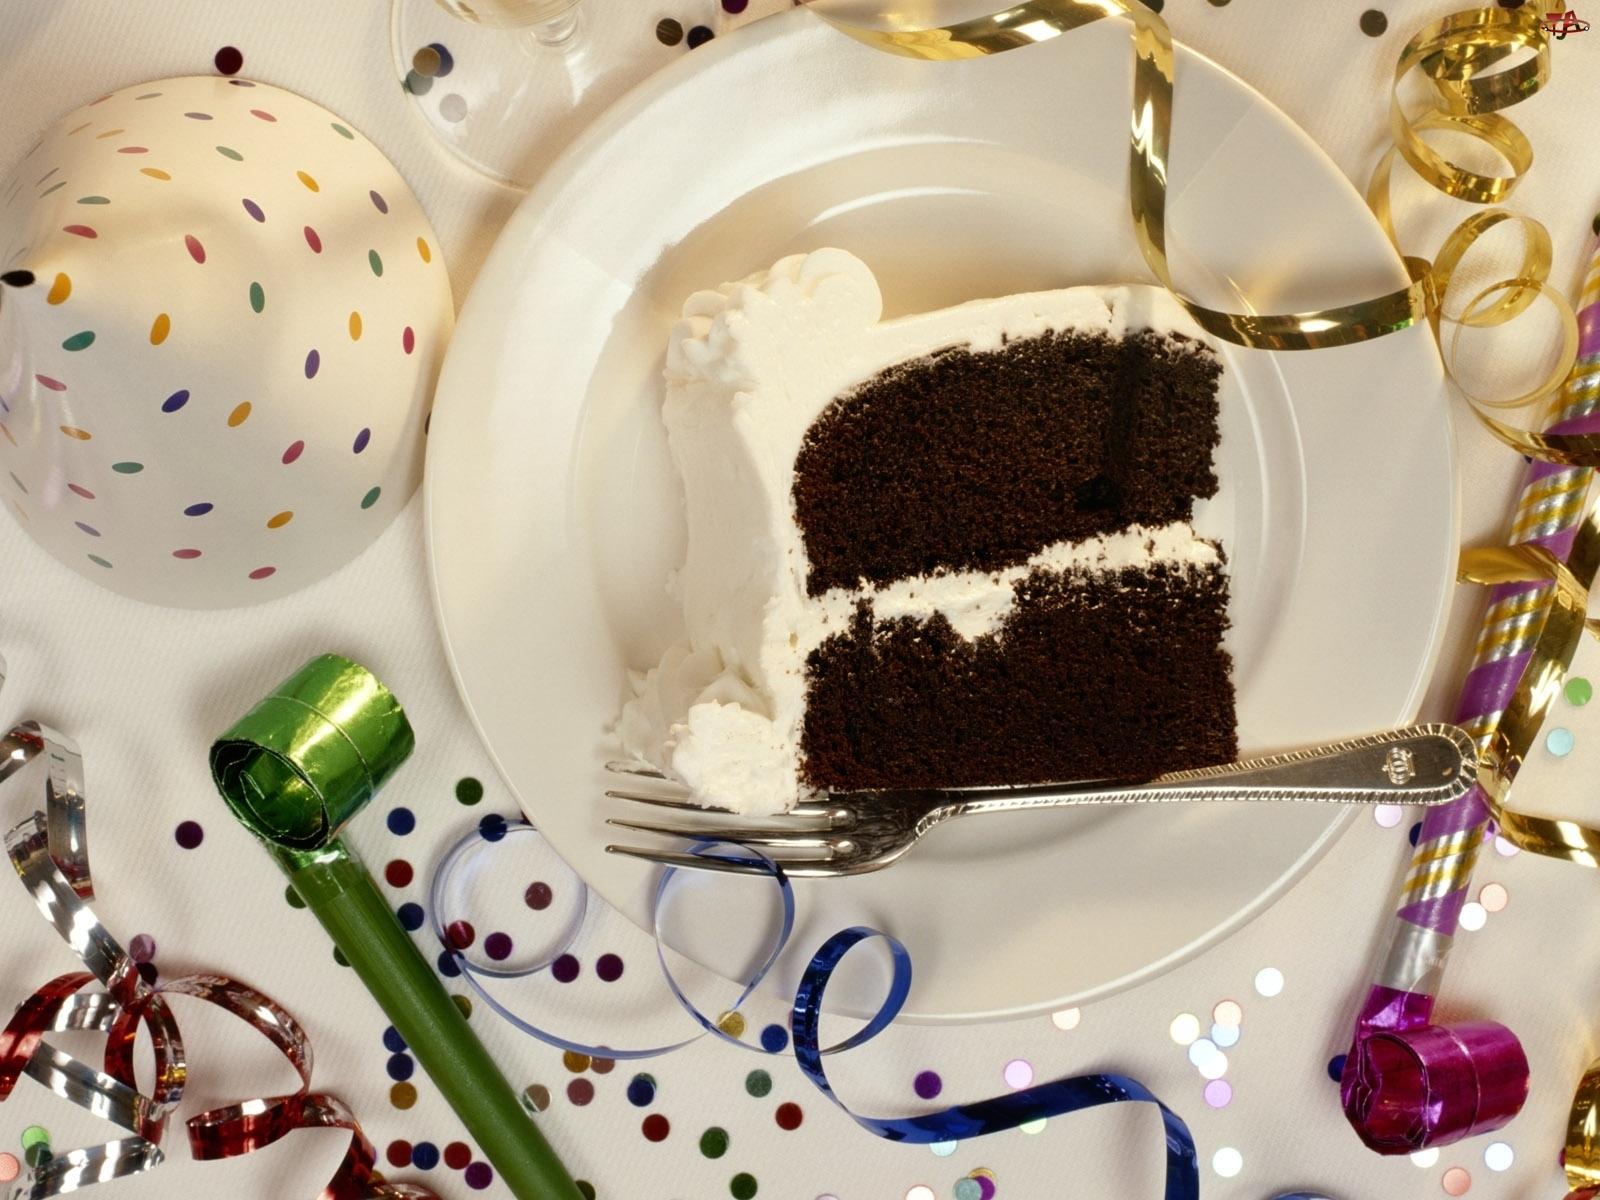 Talerz, Urodziny, Ciasto, Czapeczki